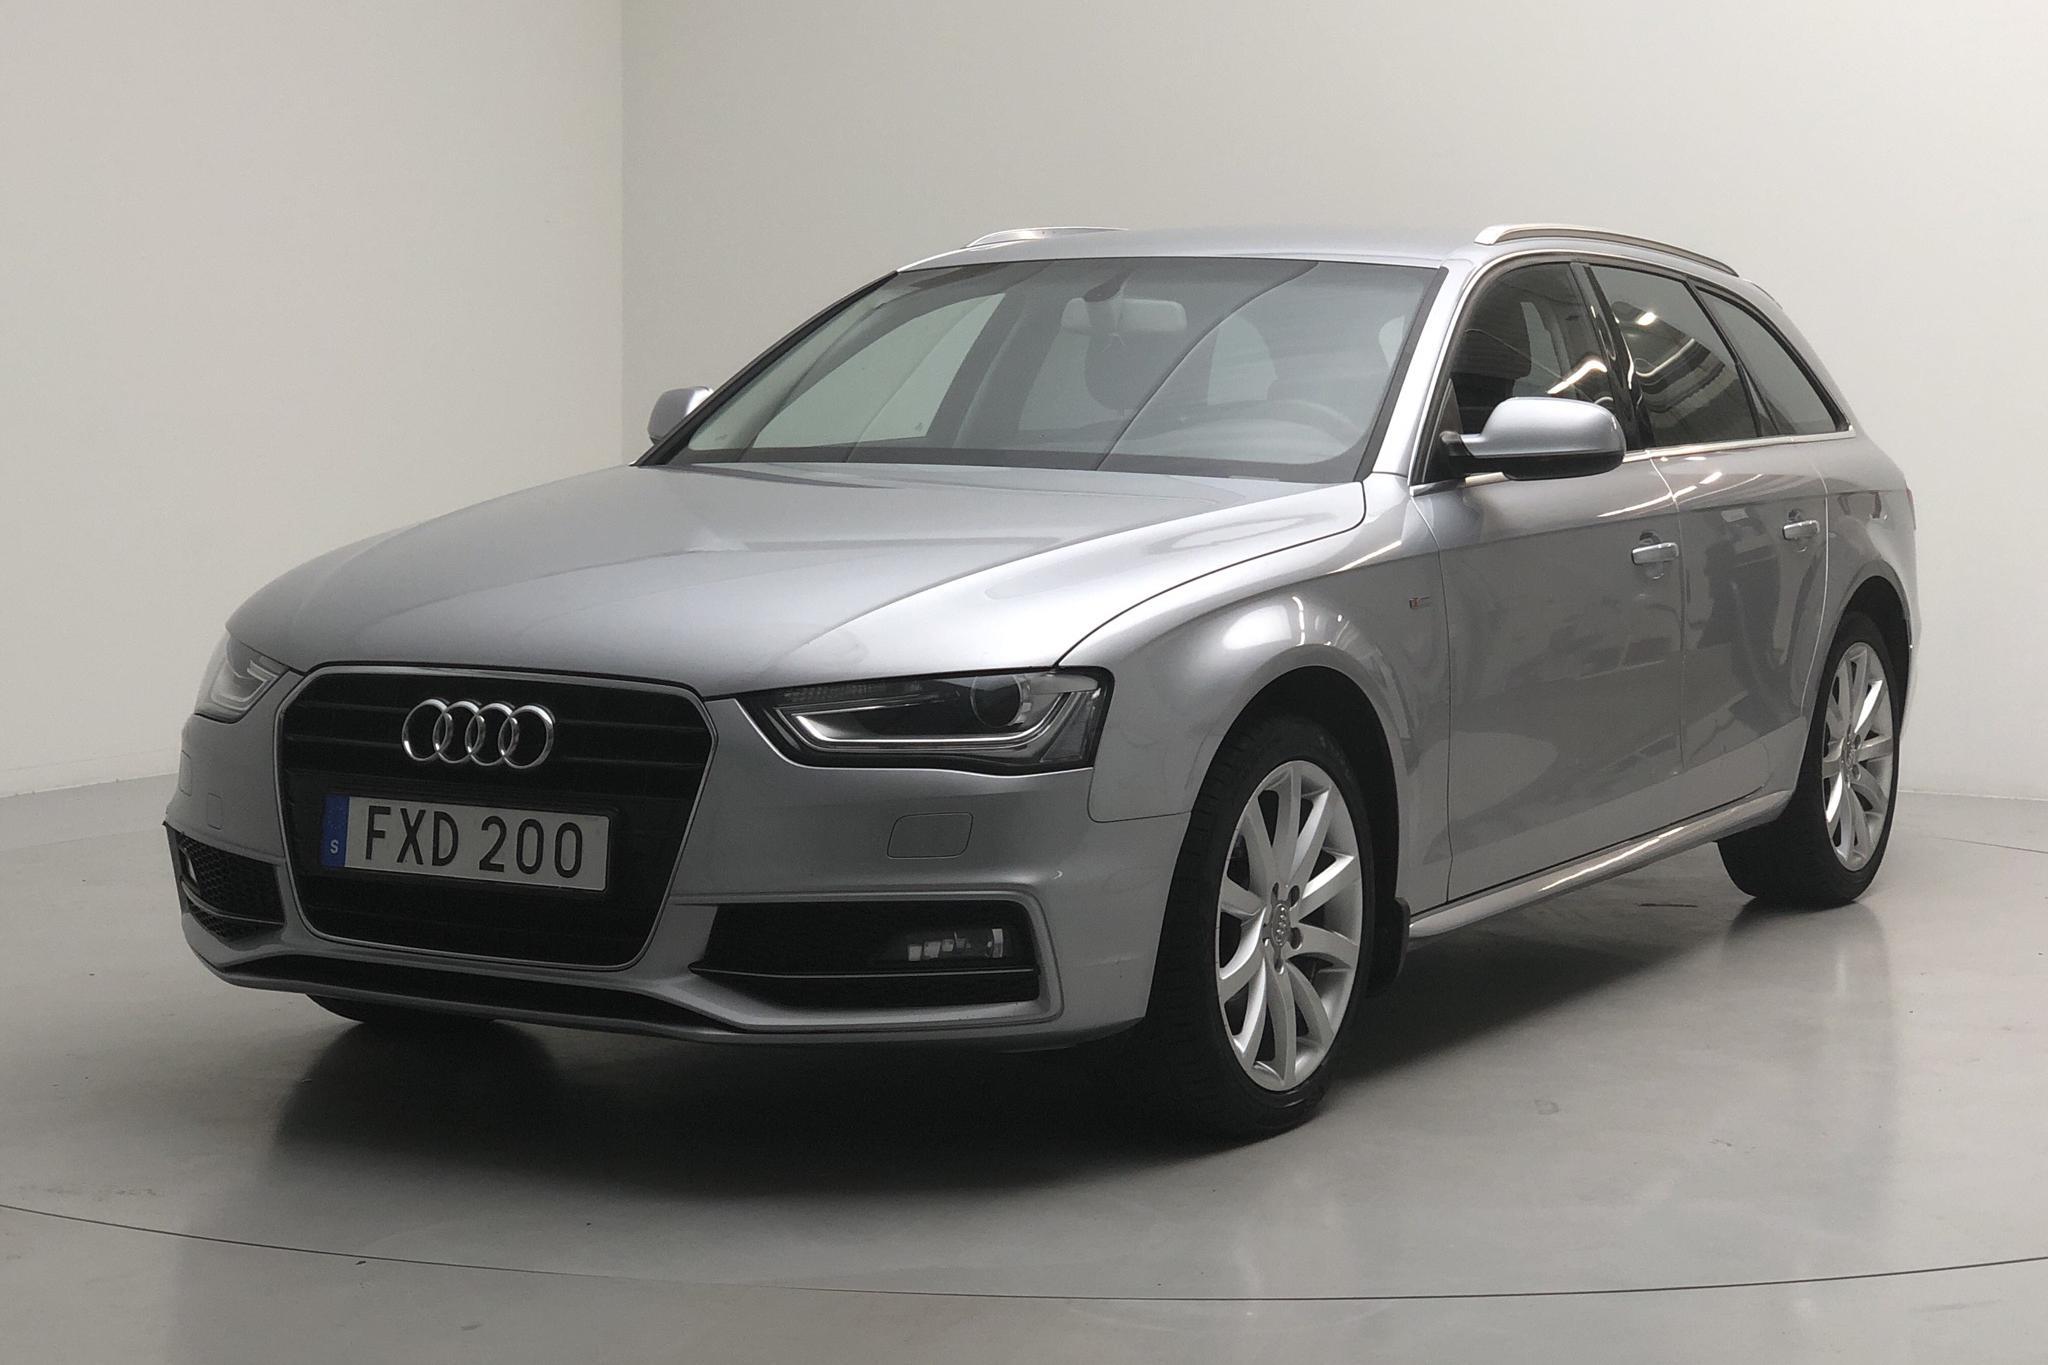 Audi A4 2.0 TDI clean diesel Avant (150hk)